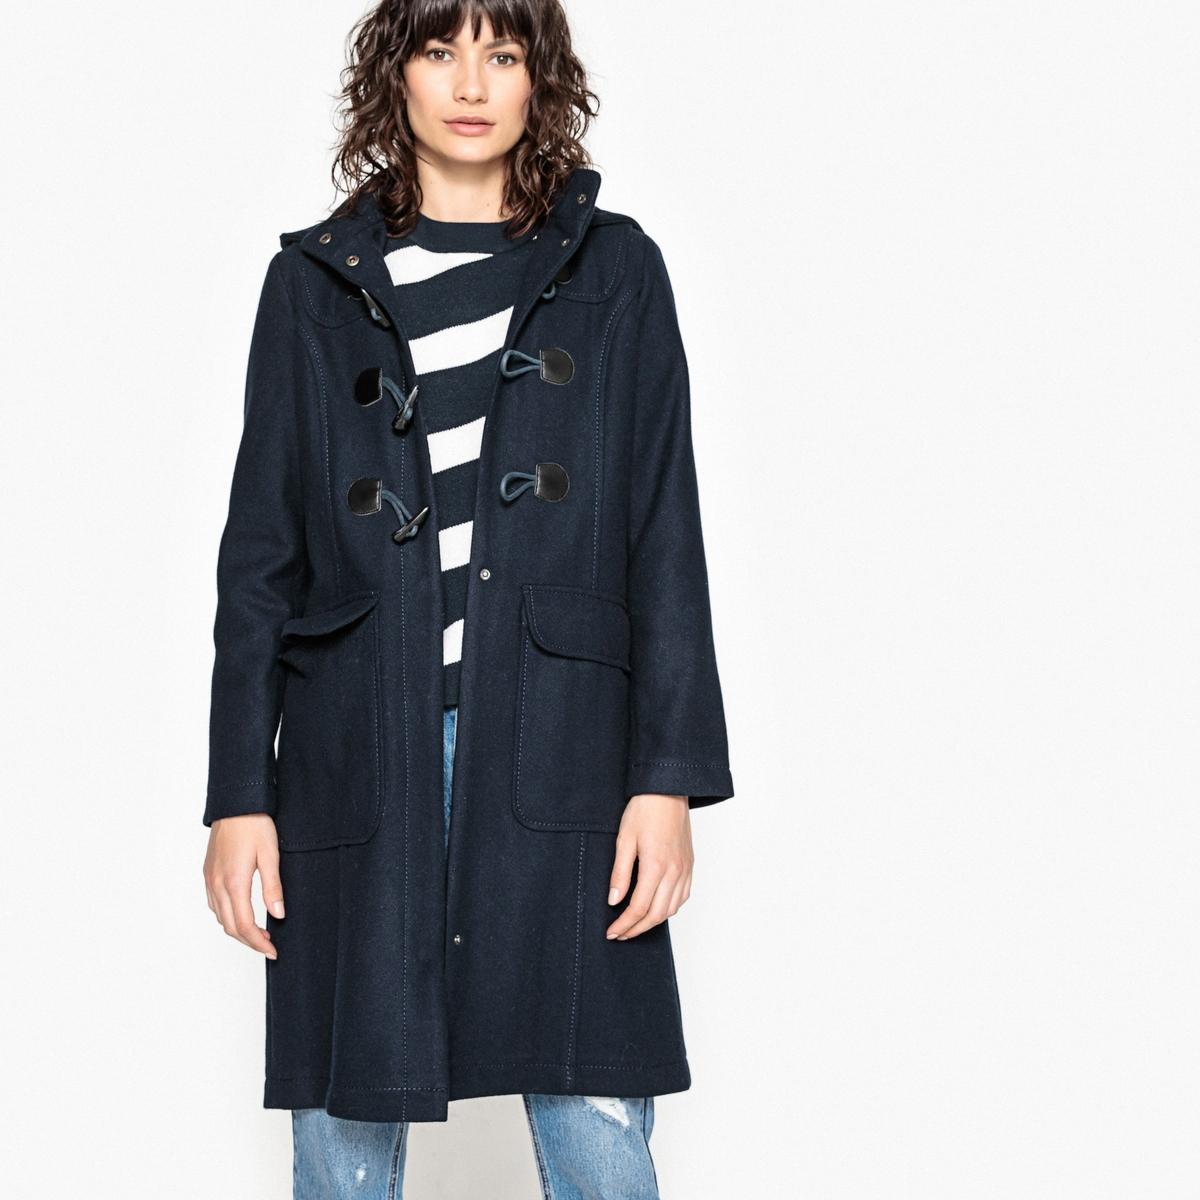 Пальто с капюшономОписание:Пальто из зимнего гардероба под названием дафлкот, оно может сочетаться любым образом . Теплое, практичное и элегантное, его можно носить везде  .Детали •  Длина : удлиненная модель •  Капюшон •  Застежка на молнию •  С капюшономСостав и уход •  50% шерсти, 40% полиэстера, 10% других волокон •  Подкладка : 0% полиэстер • Не стирать •  Любые растворители / не отбеливать •  Не использовать барабанную сушку •  Низкая температура глажки •  Длина : 100 см<br><br>Цвет: зеленый,синий морской<br>Размер: 34 (FR) - 40 (RUS).46 (FR) - 52 (RUS).38 (FR) - 44 (RUS).44 (FR) - 50 (RUS).40 (FR) - 46 (RUS).38 (FR) - 44 (RUS)